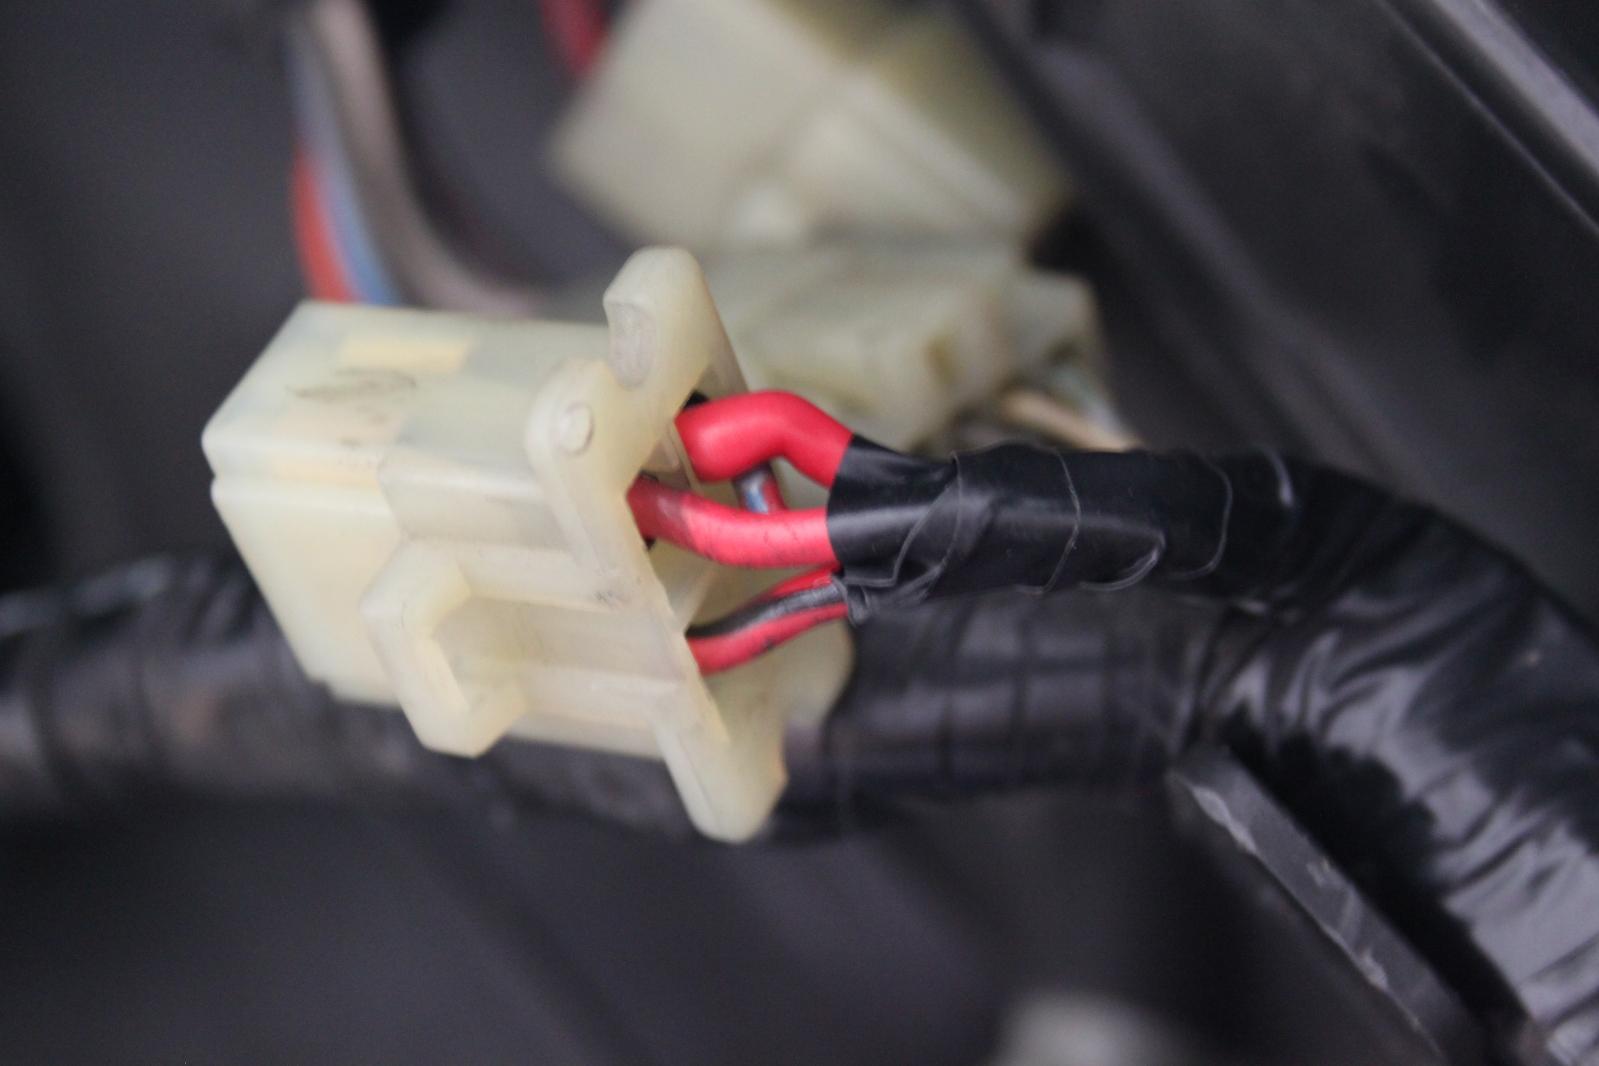 [DIY] Montagem de Alarme SPY 5000 com Corte de Combustível 2mi2iv4